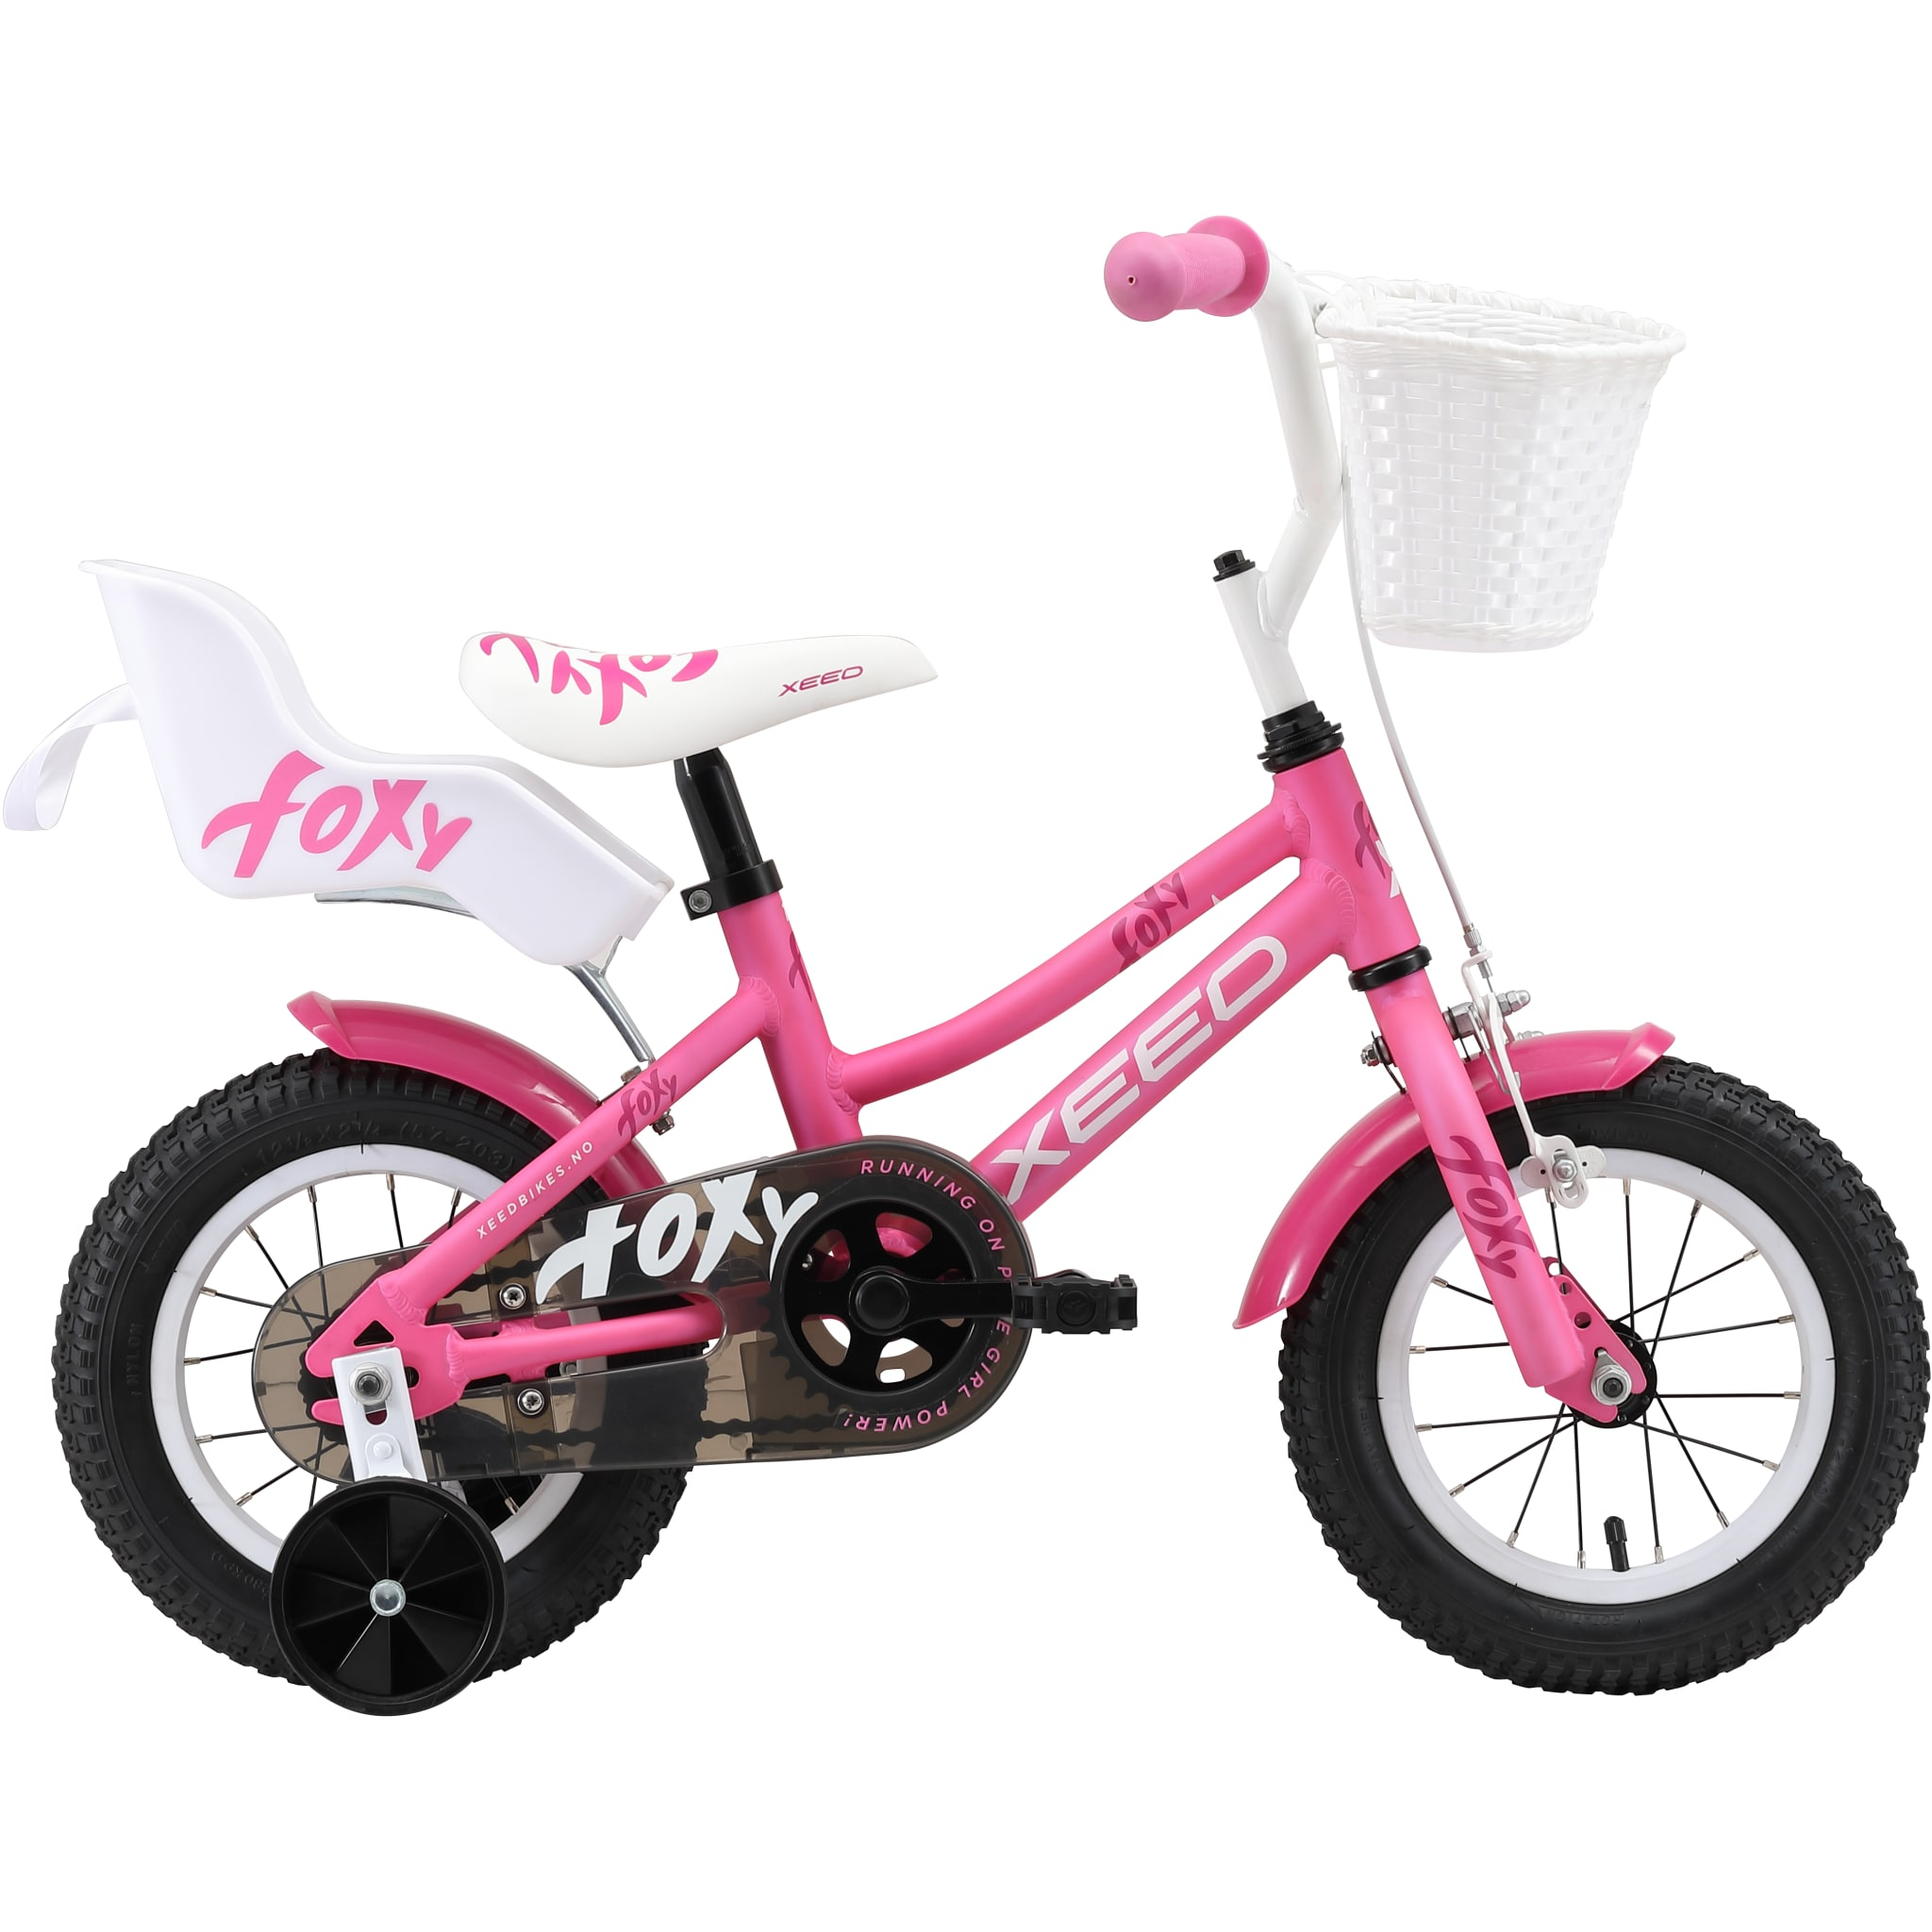 Sykkelen som er en liten prinsesse verdig!